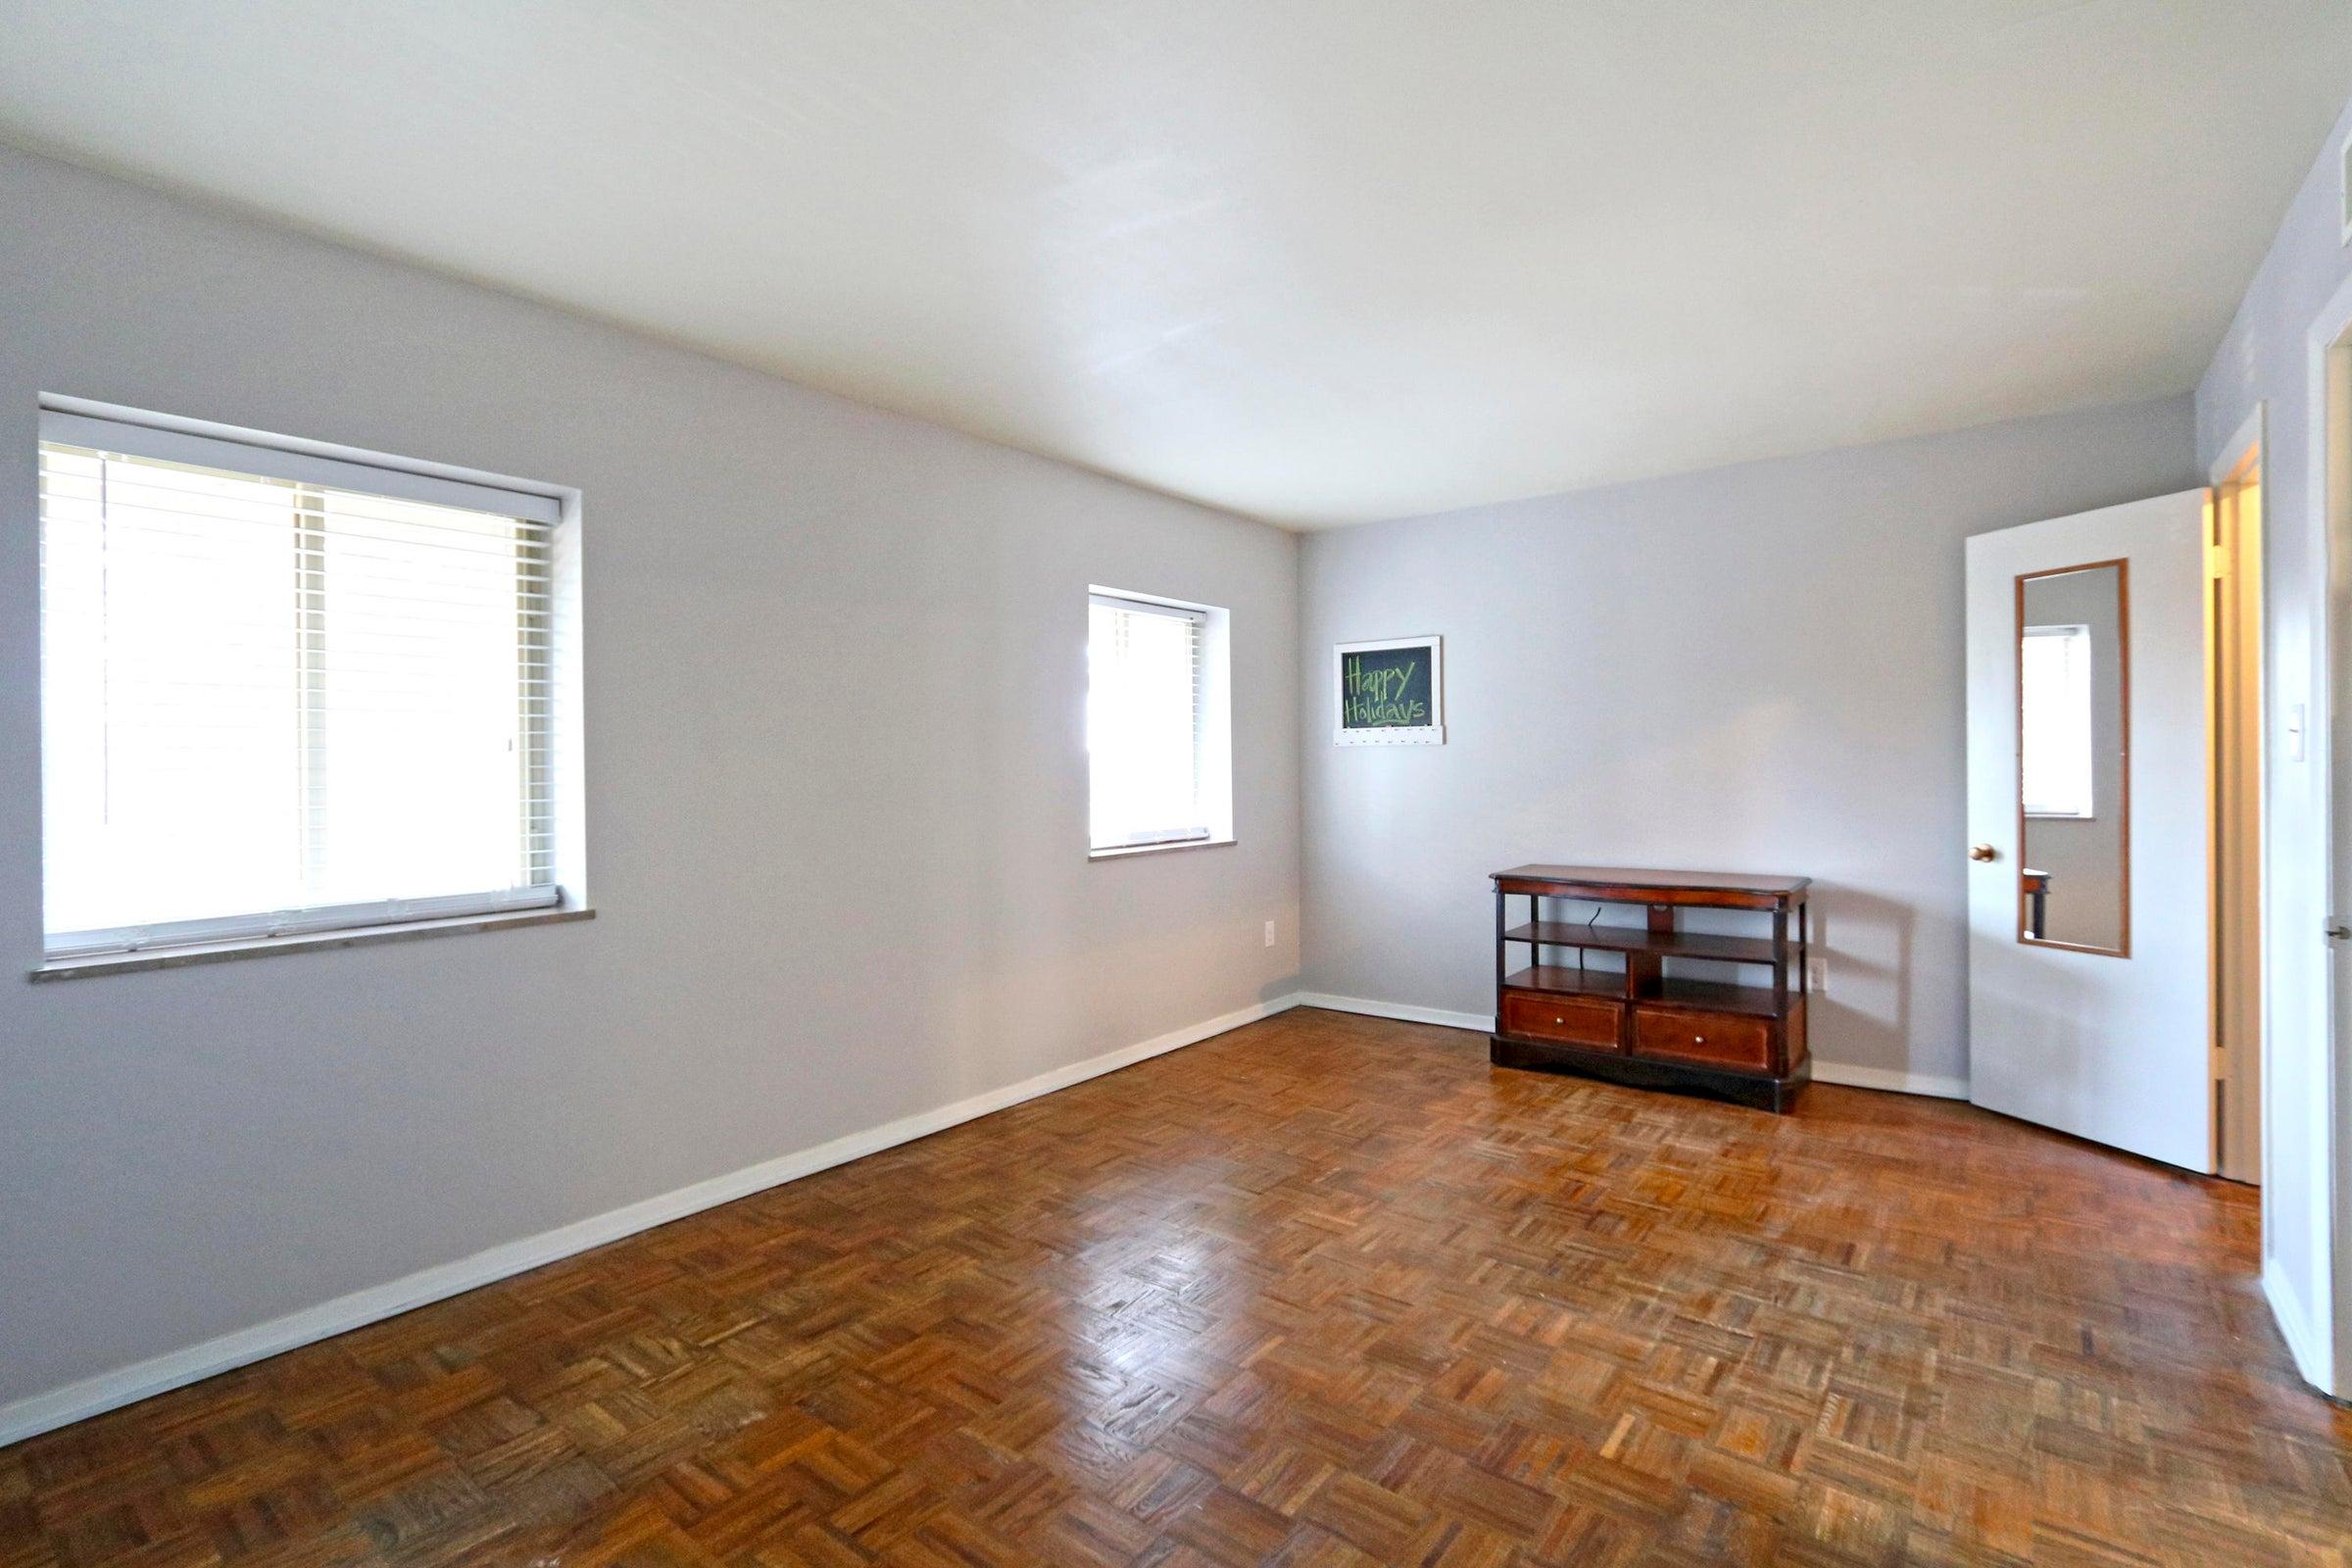 17_Master Bedroom View 1